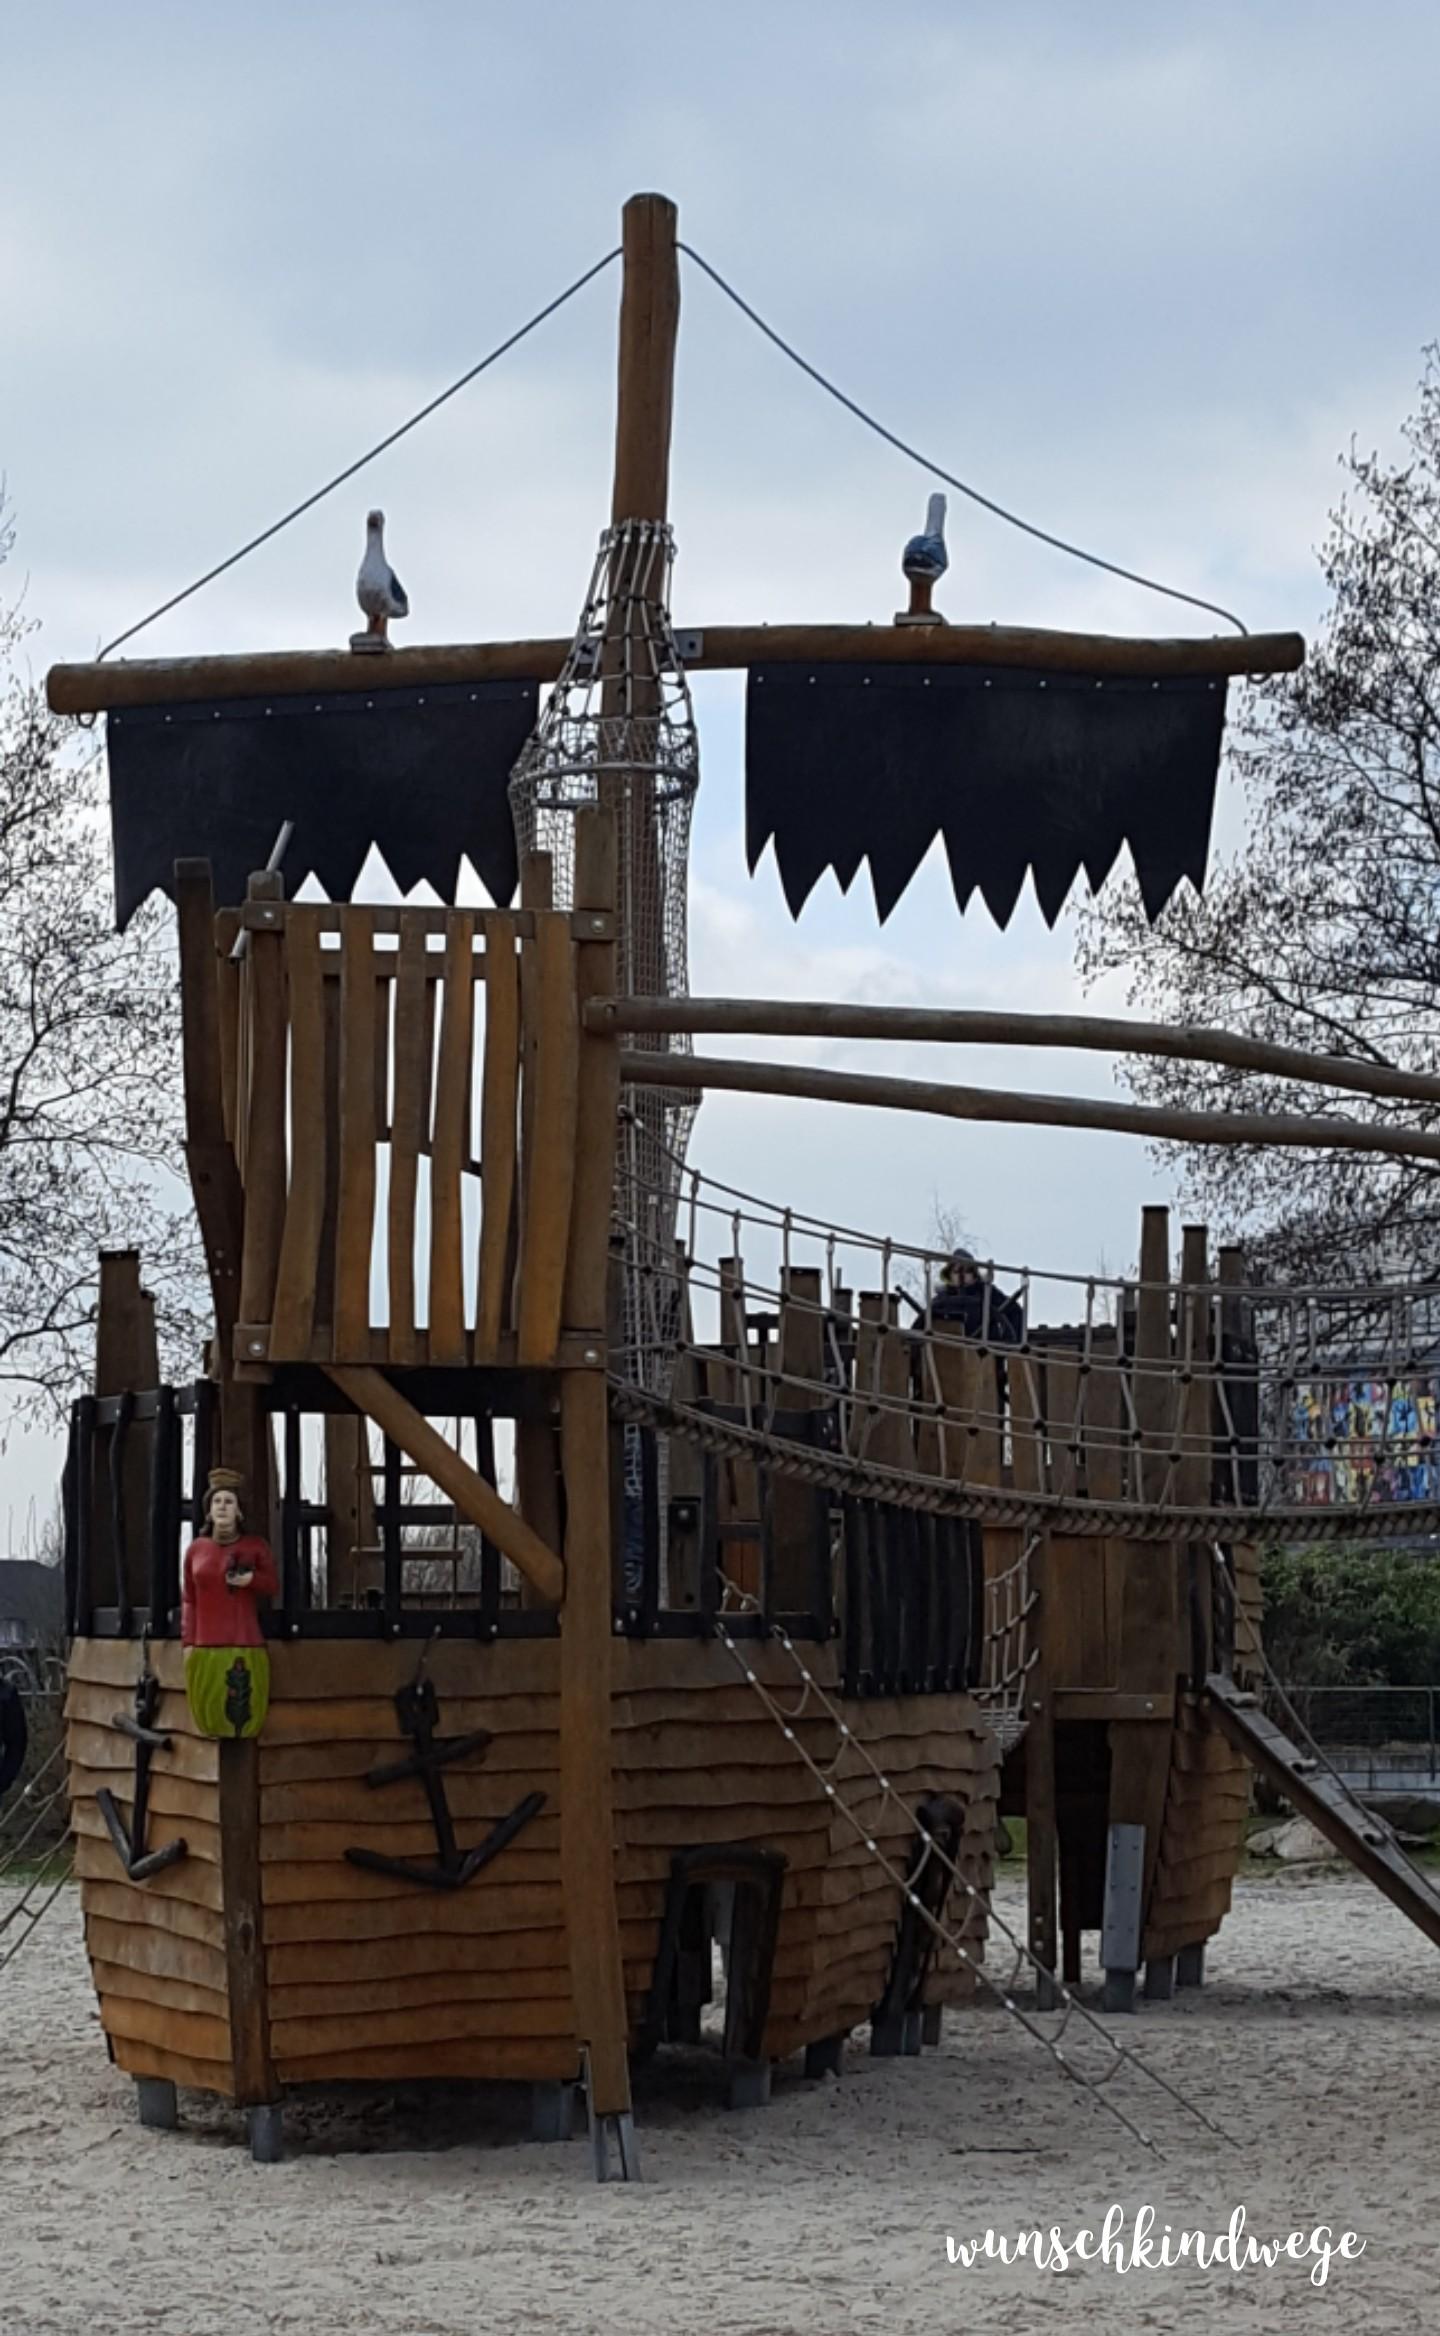 Osterwochenende in Bildern: Piratenschiff